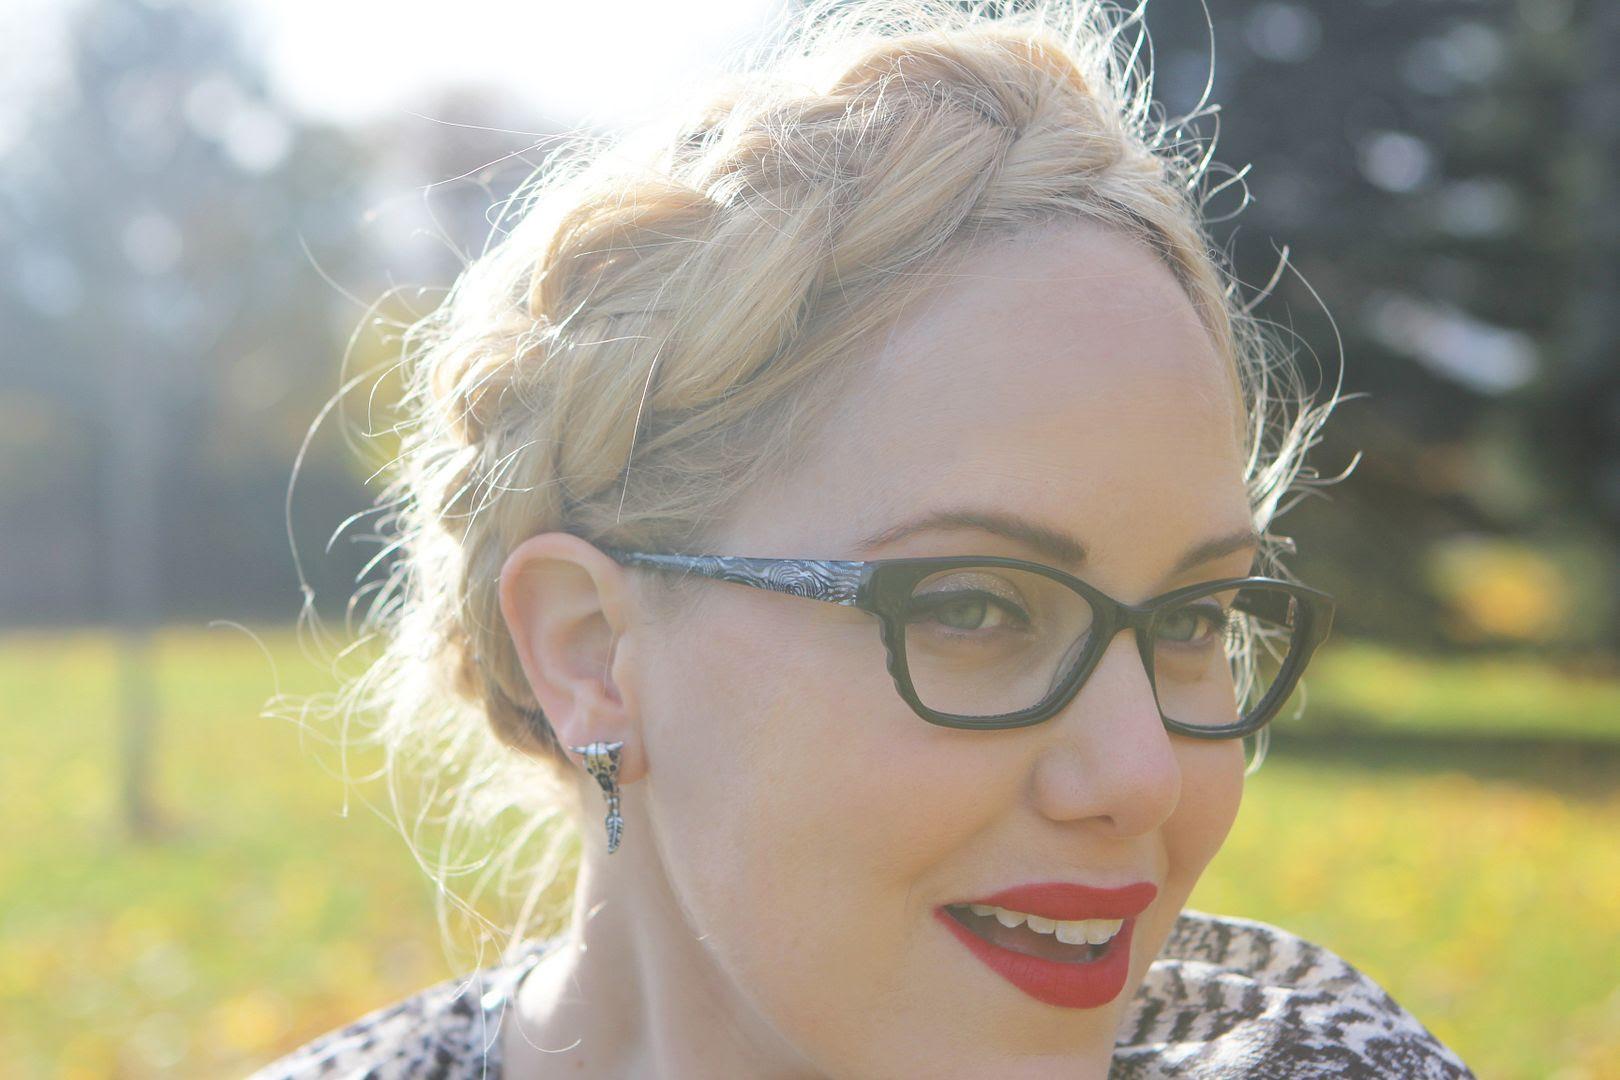 photo hmforisabelmarant-fyshuk-eyeglasses-hm-isabelmarant-4_zpsb88167ac.jpg